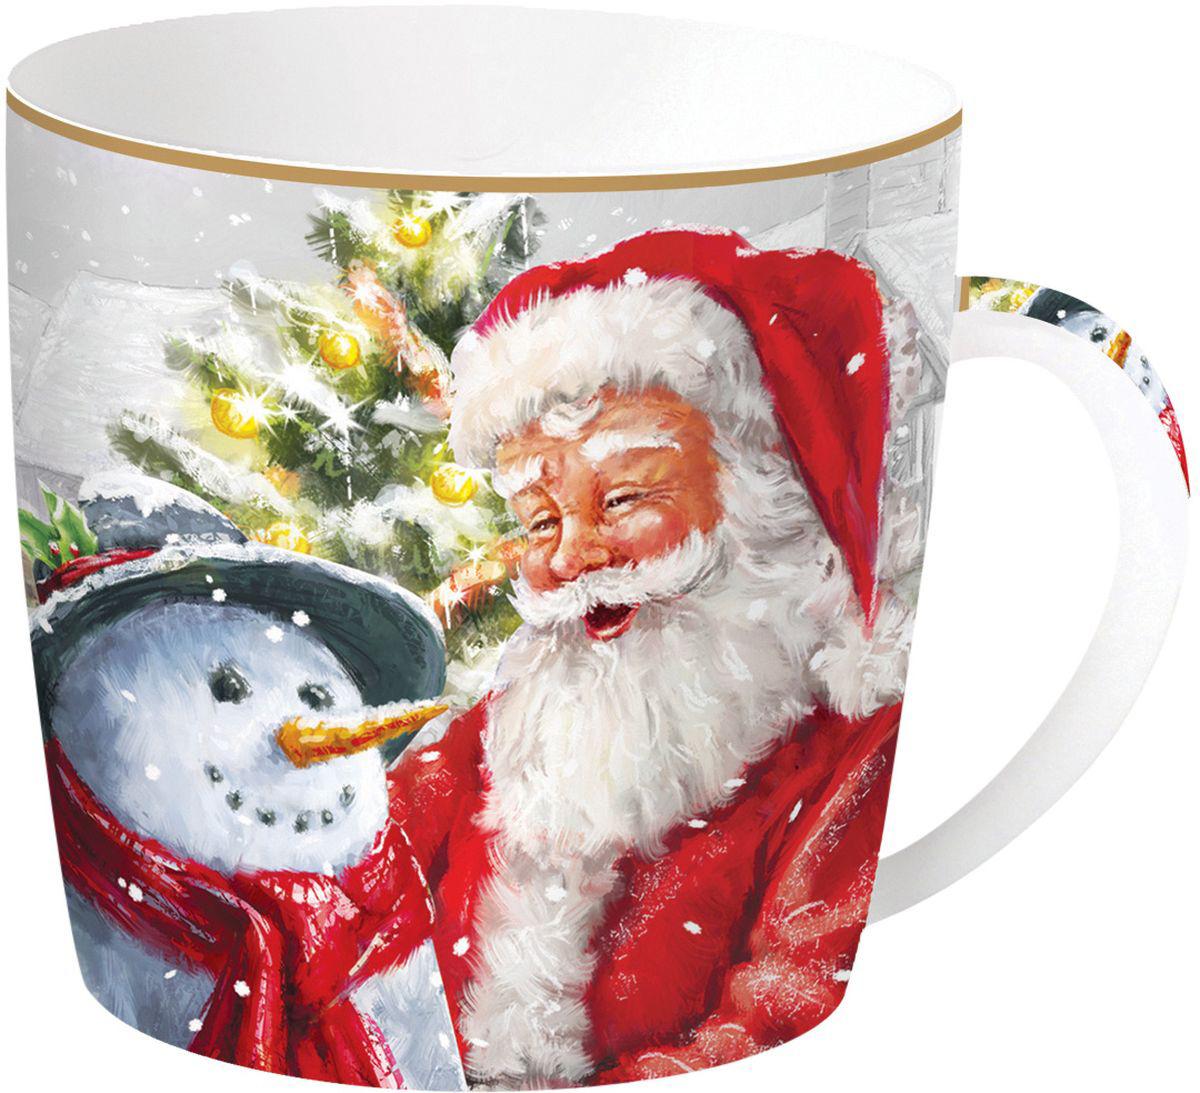 Кружка Easy Life Дед Мороз и снеговик, цвет: красный, 350 мл кружка кофе 350 мл nuova r2s s p a кружка кофе 350 мл